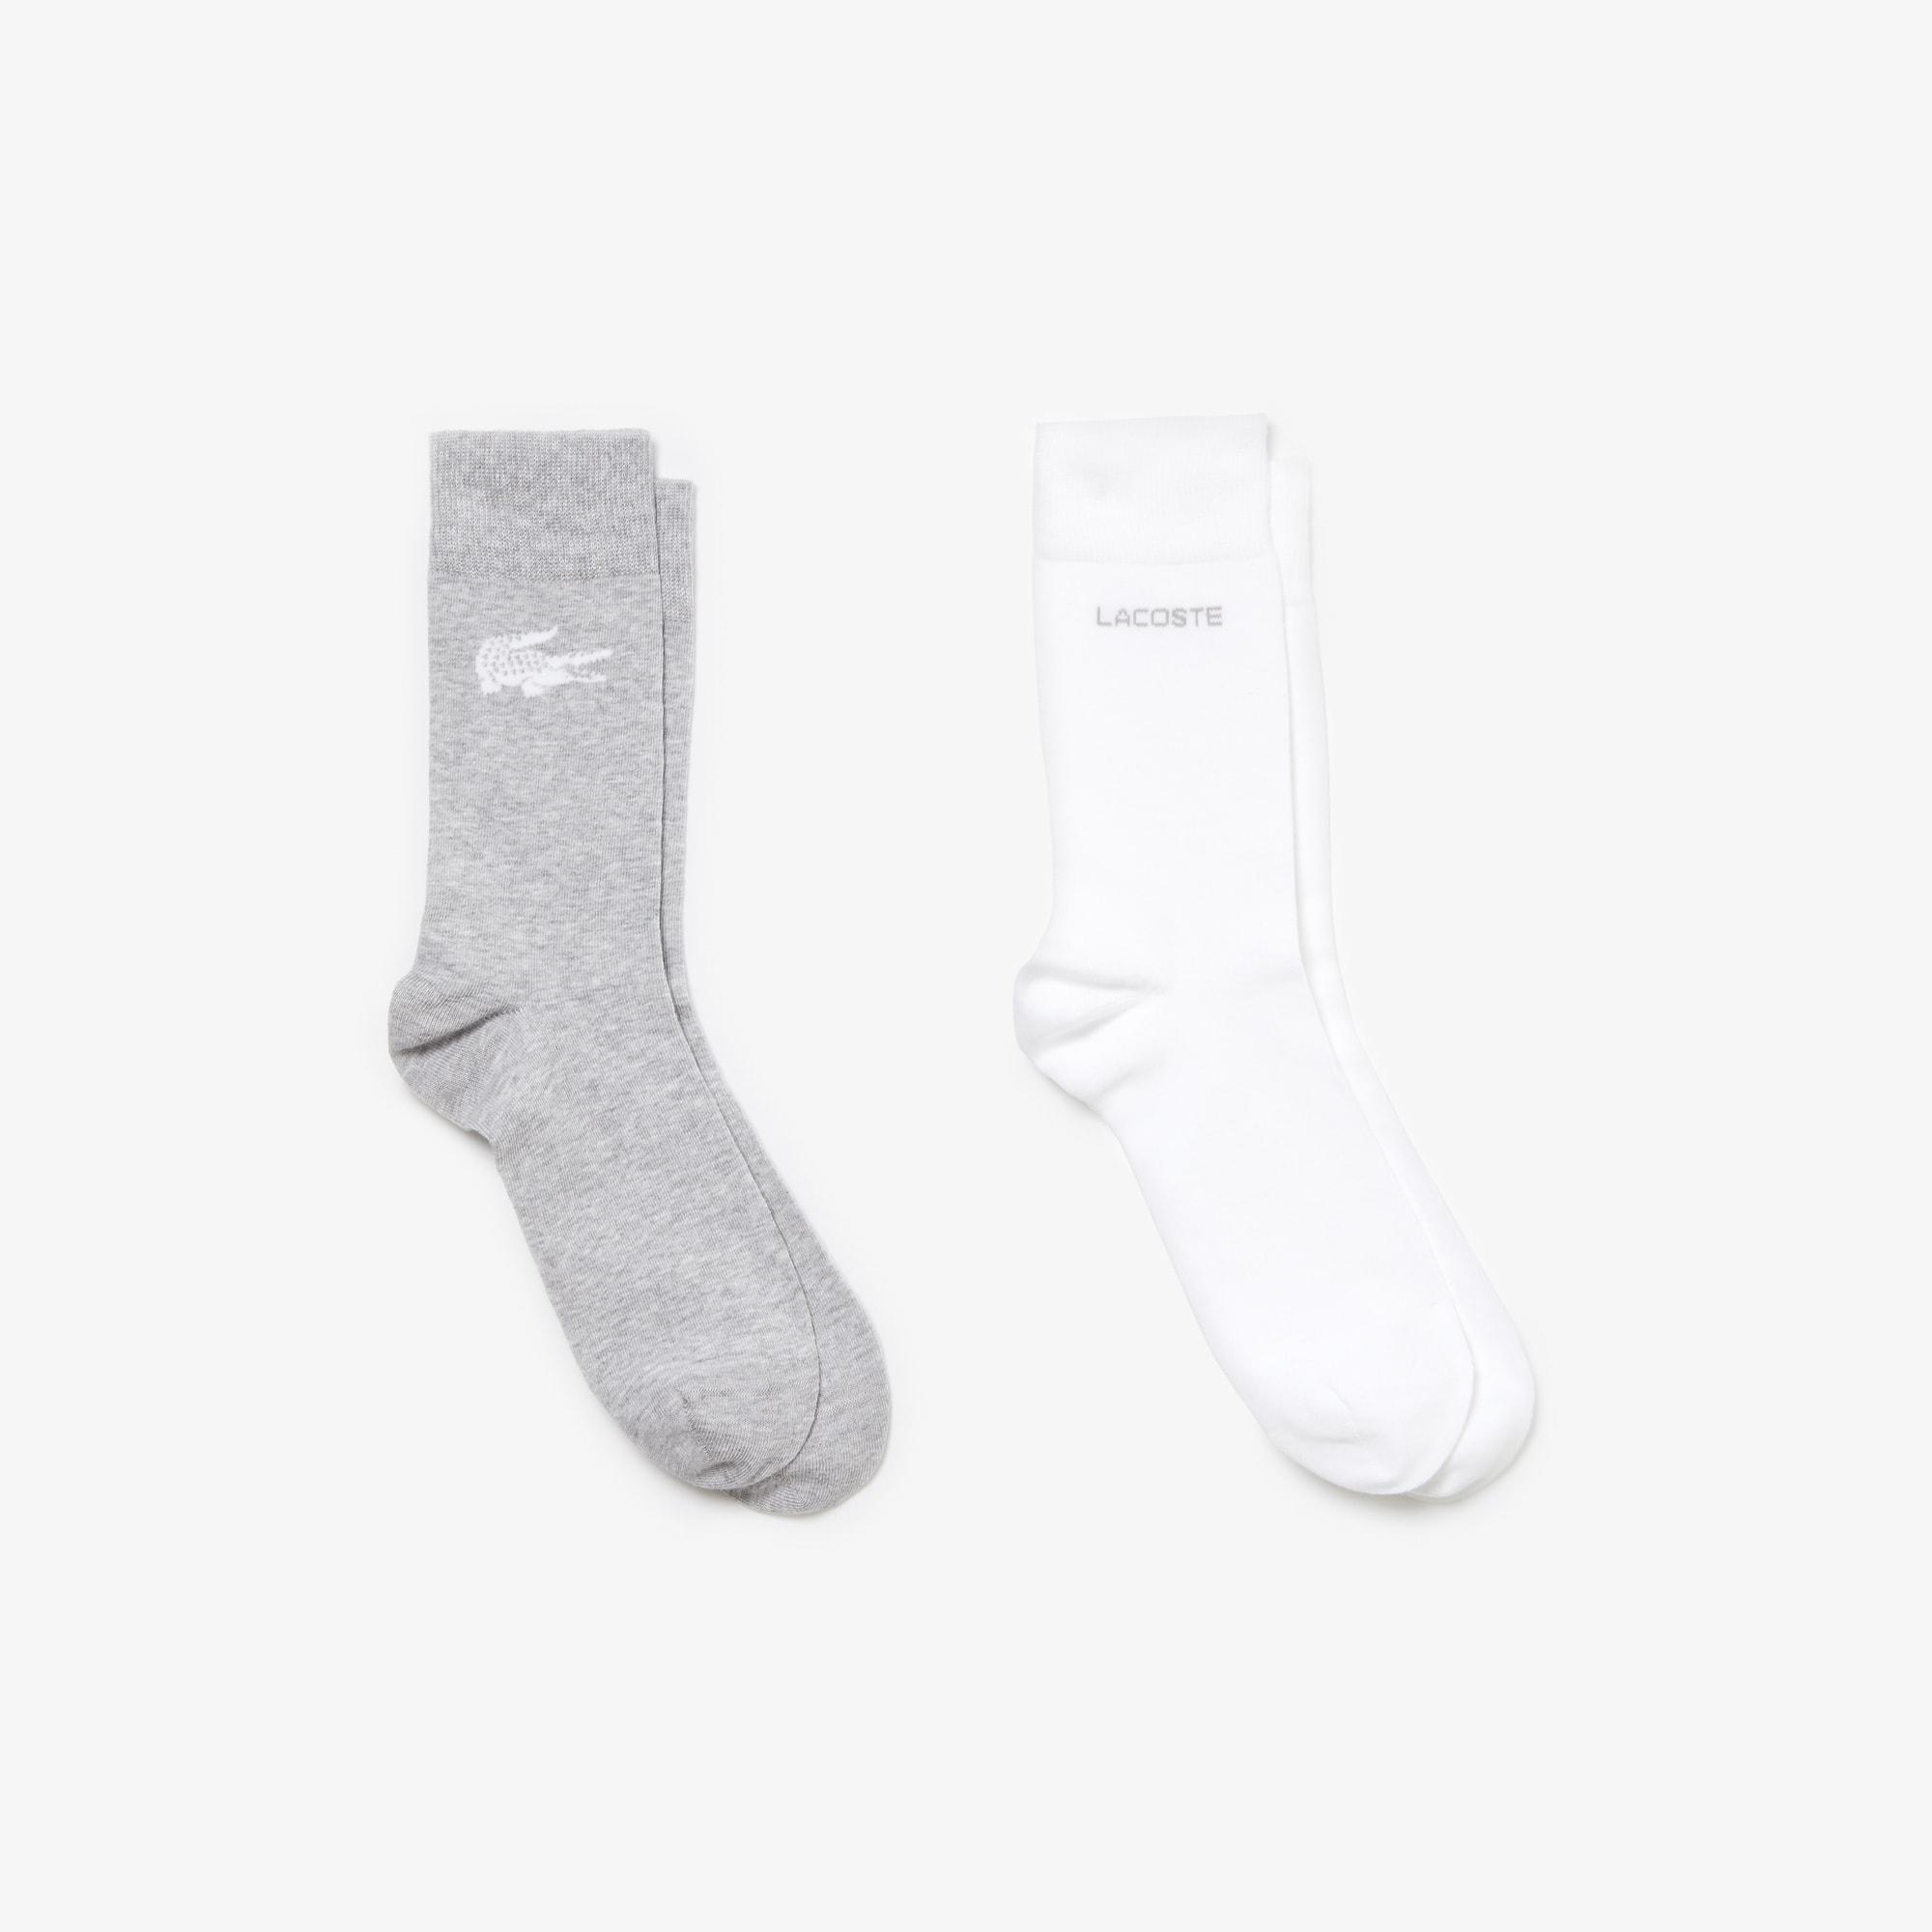 Confezione da due paia di calze coordinate in jersey stampato